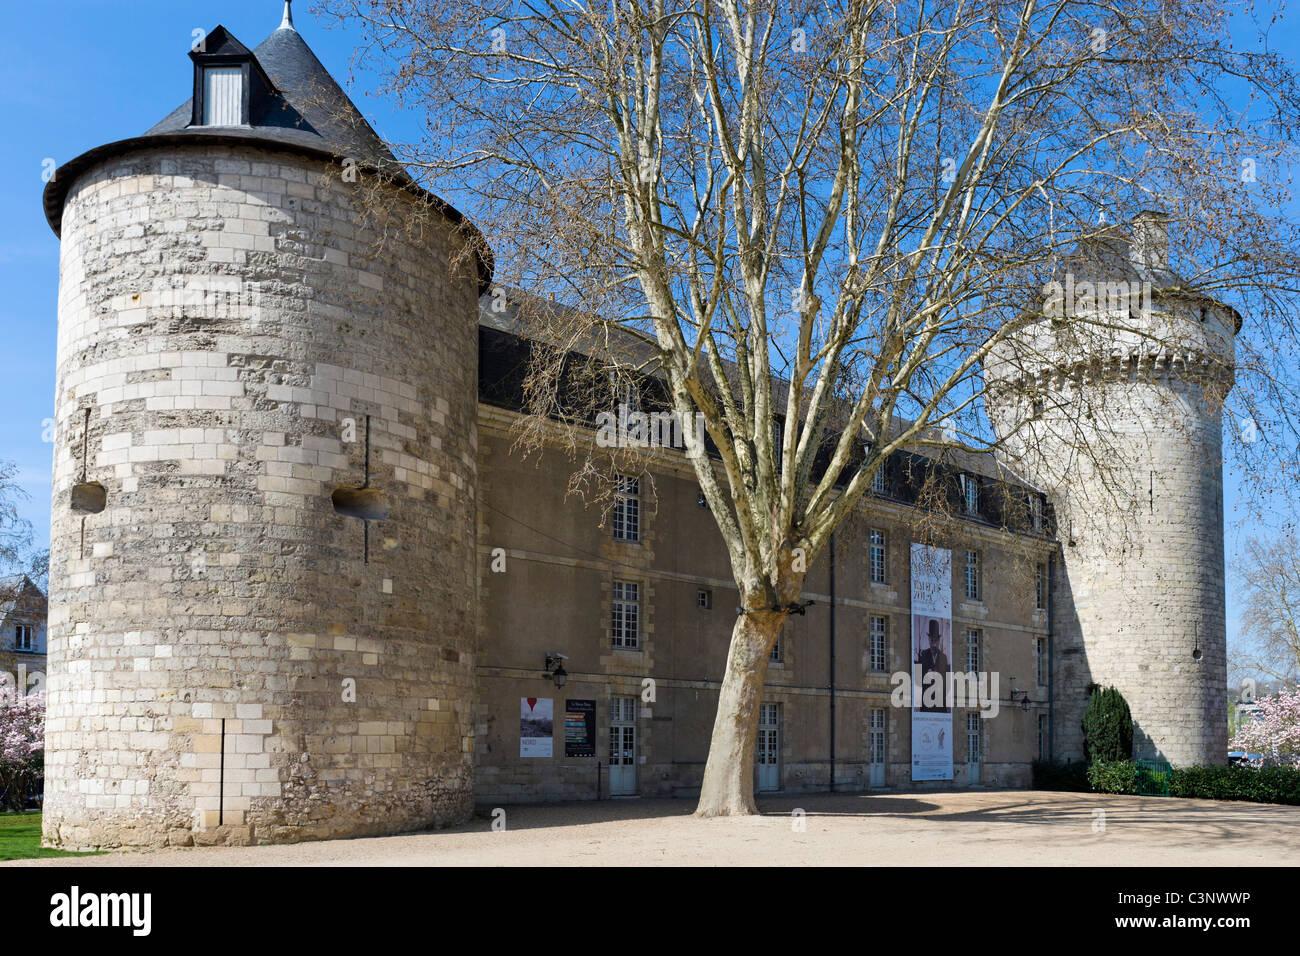 The remains of the Chateau de Tours, Tours, Indre et Loire, France - Stock Image